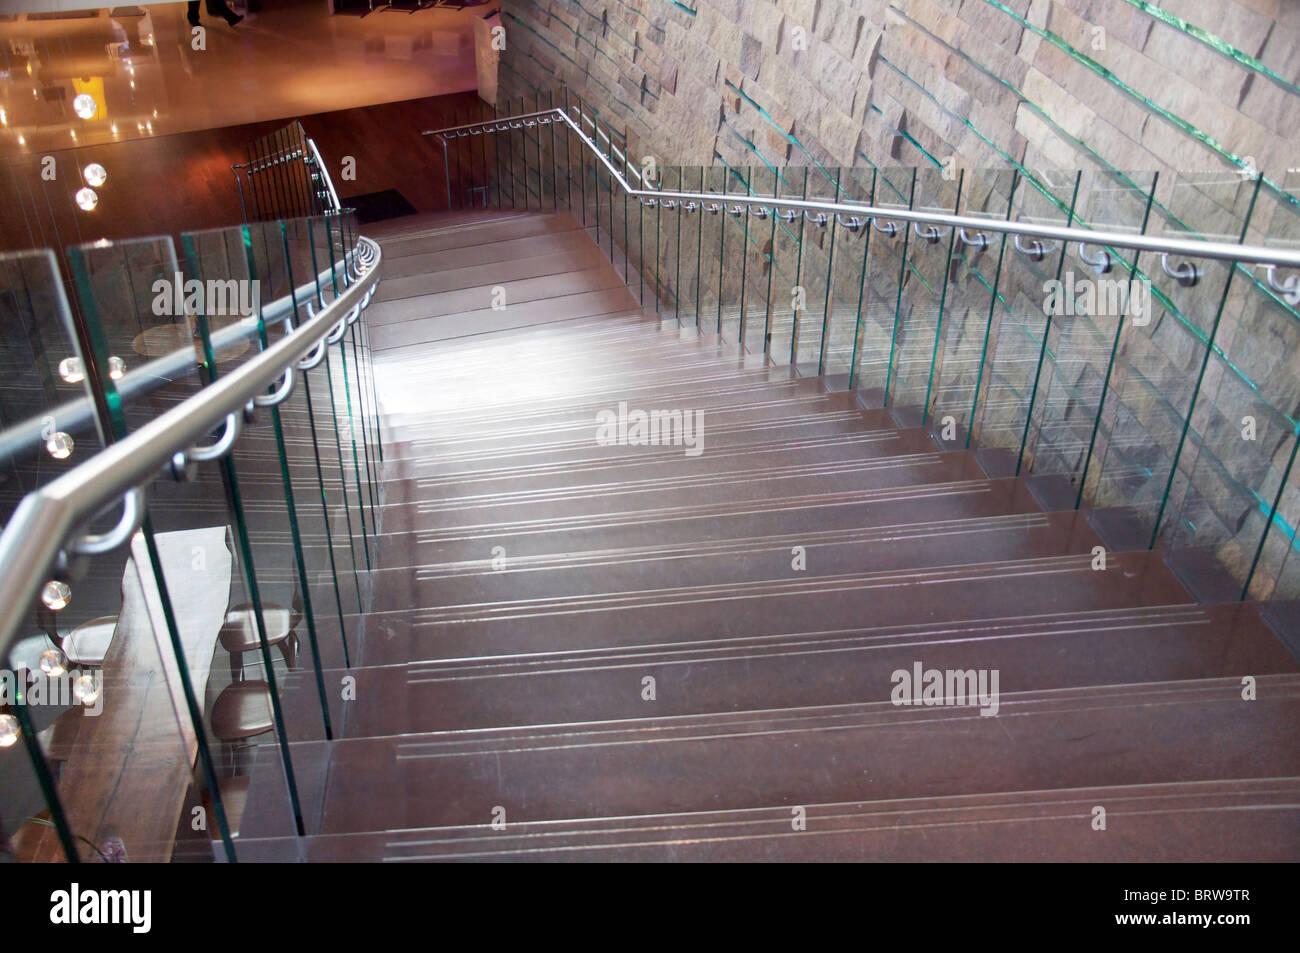 Foto von zeitgenössischer Architektur mit stilvollen modernen Designer Treppen und Wand. Stockbild